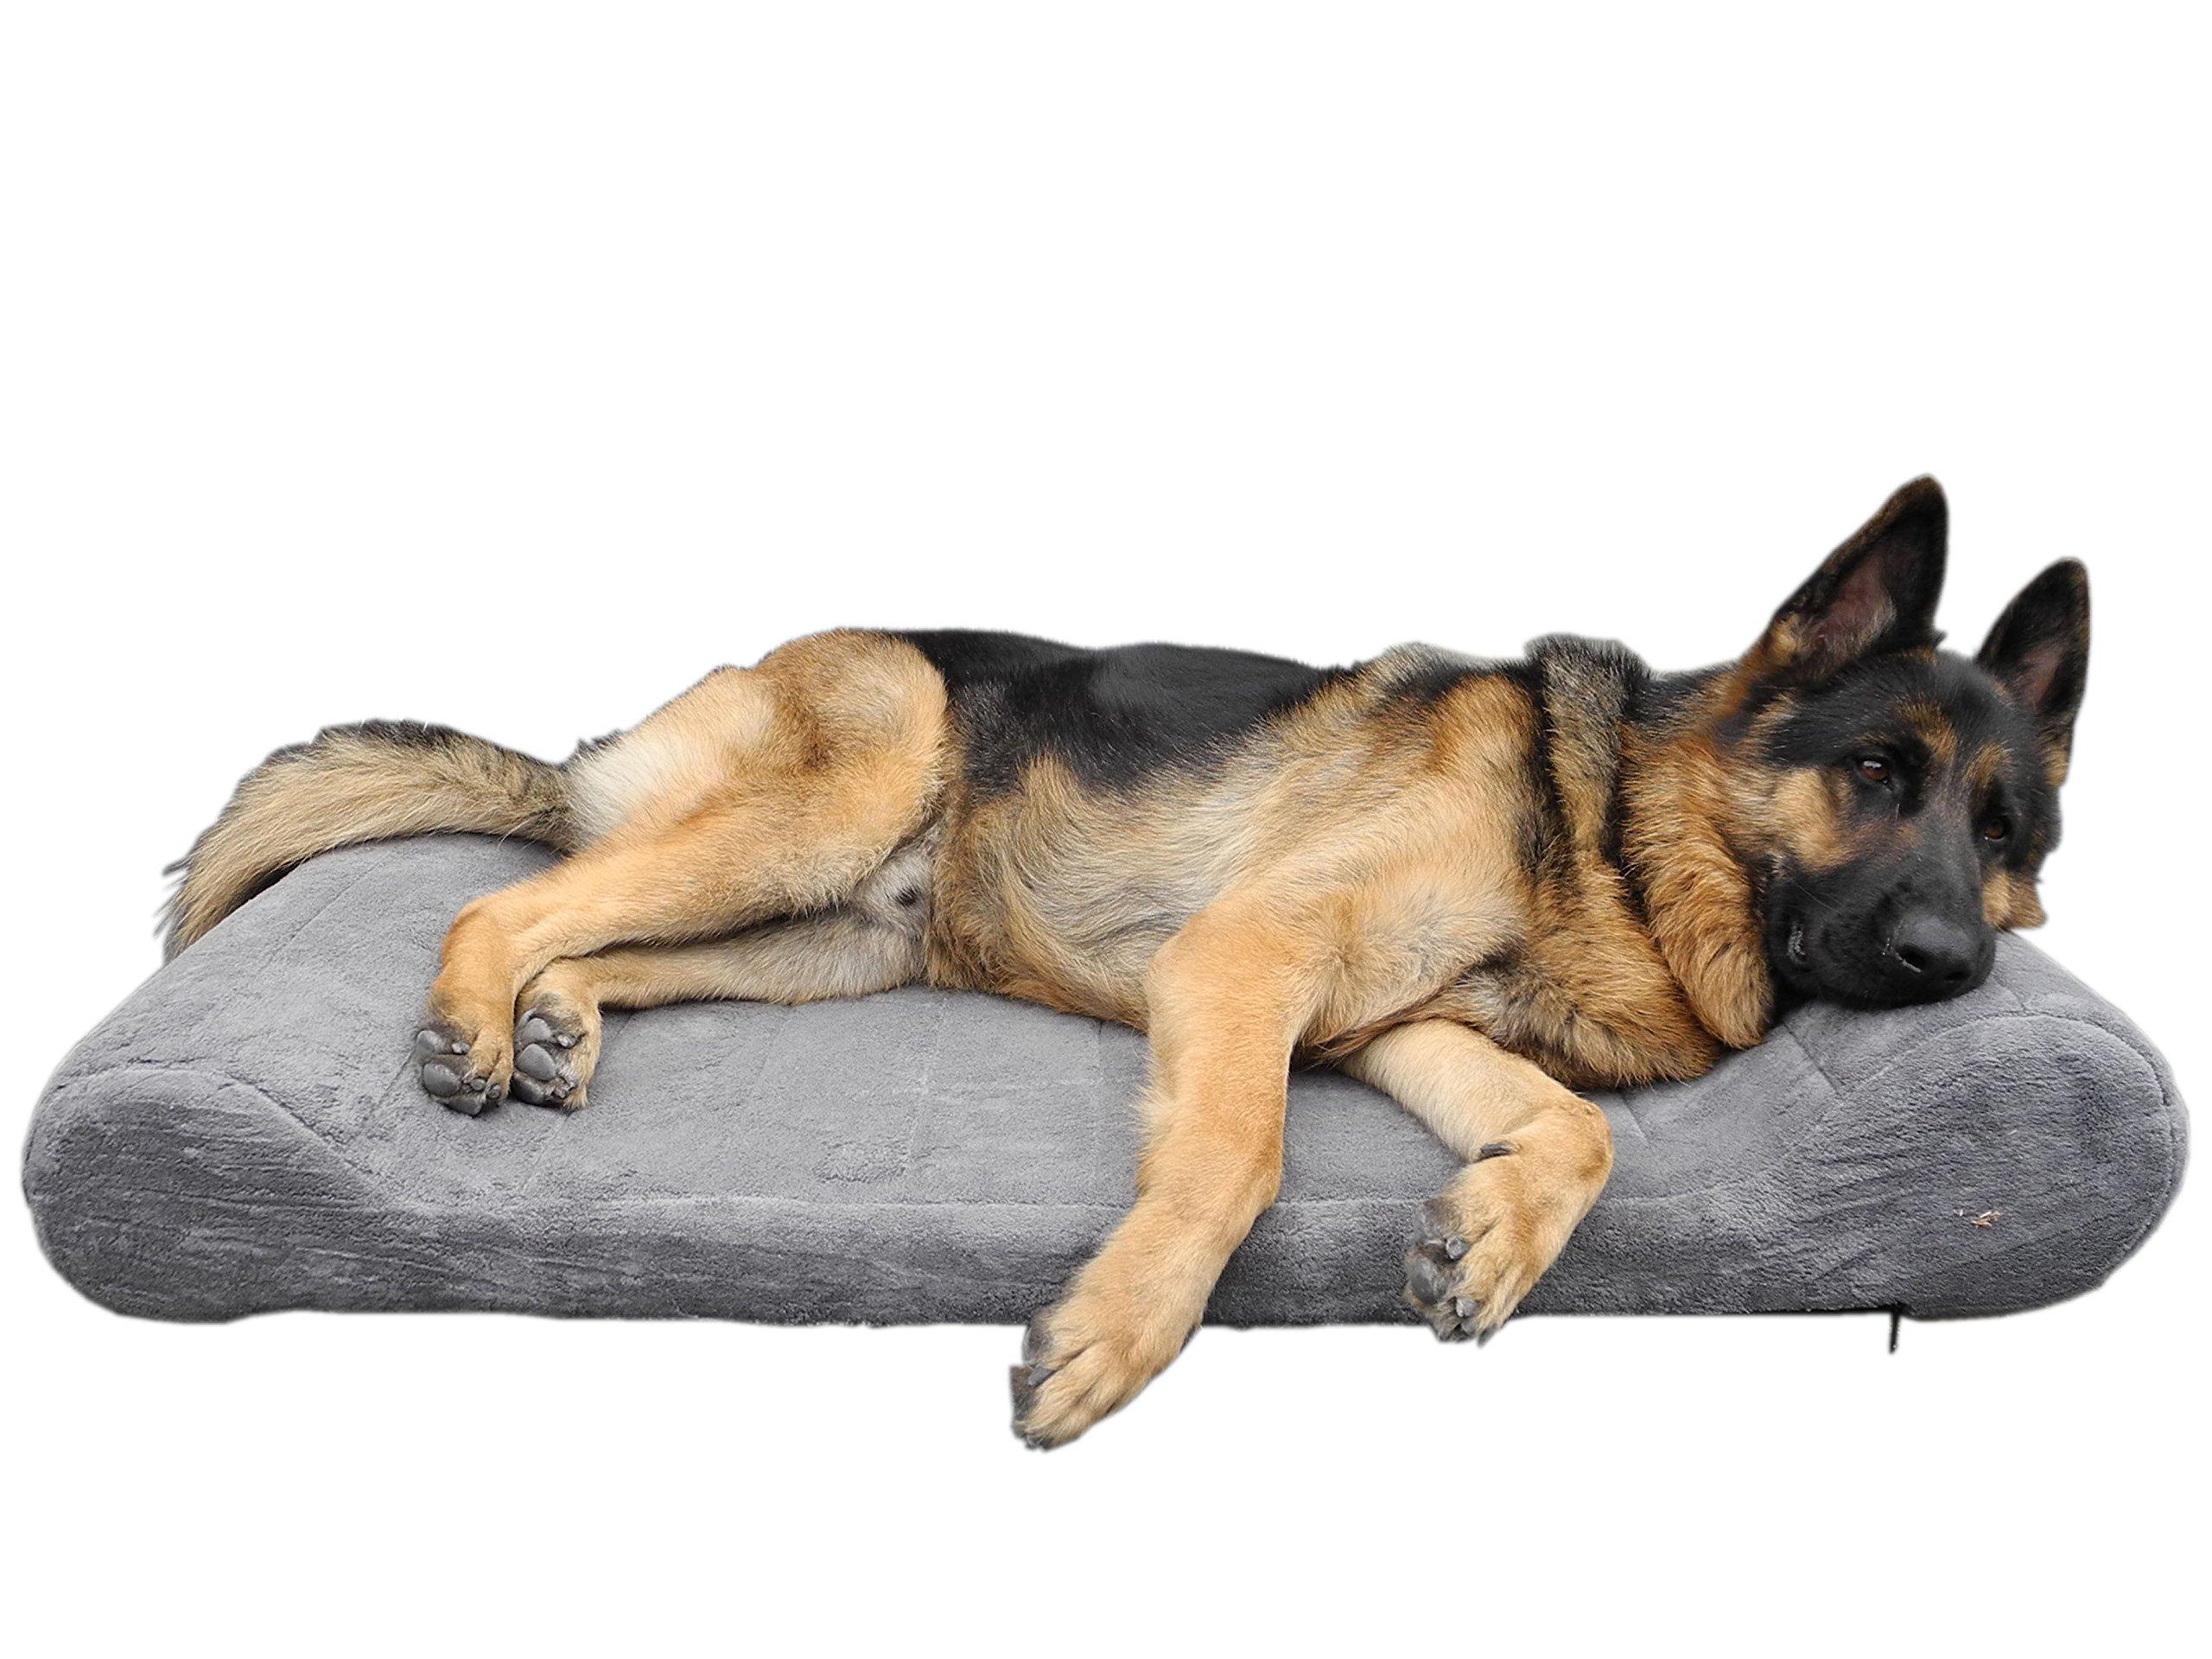 Go Pet Club GG-34 Pet Sofa, Gray